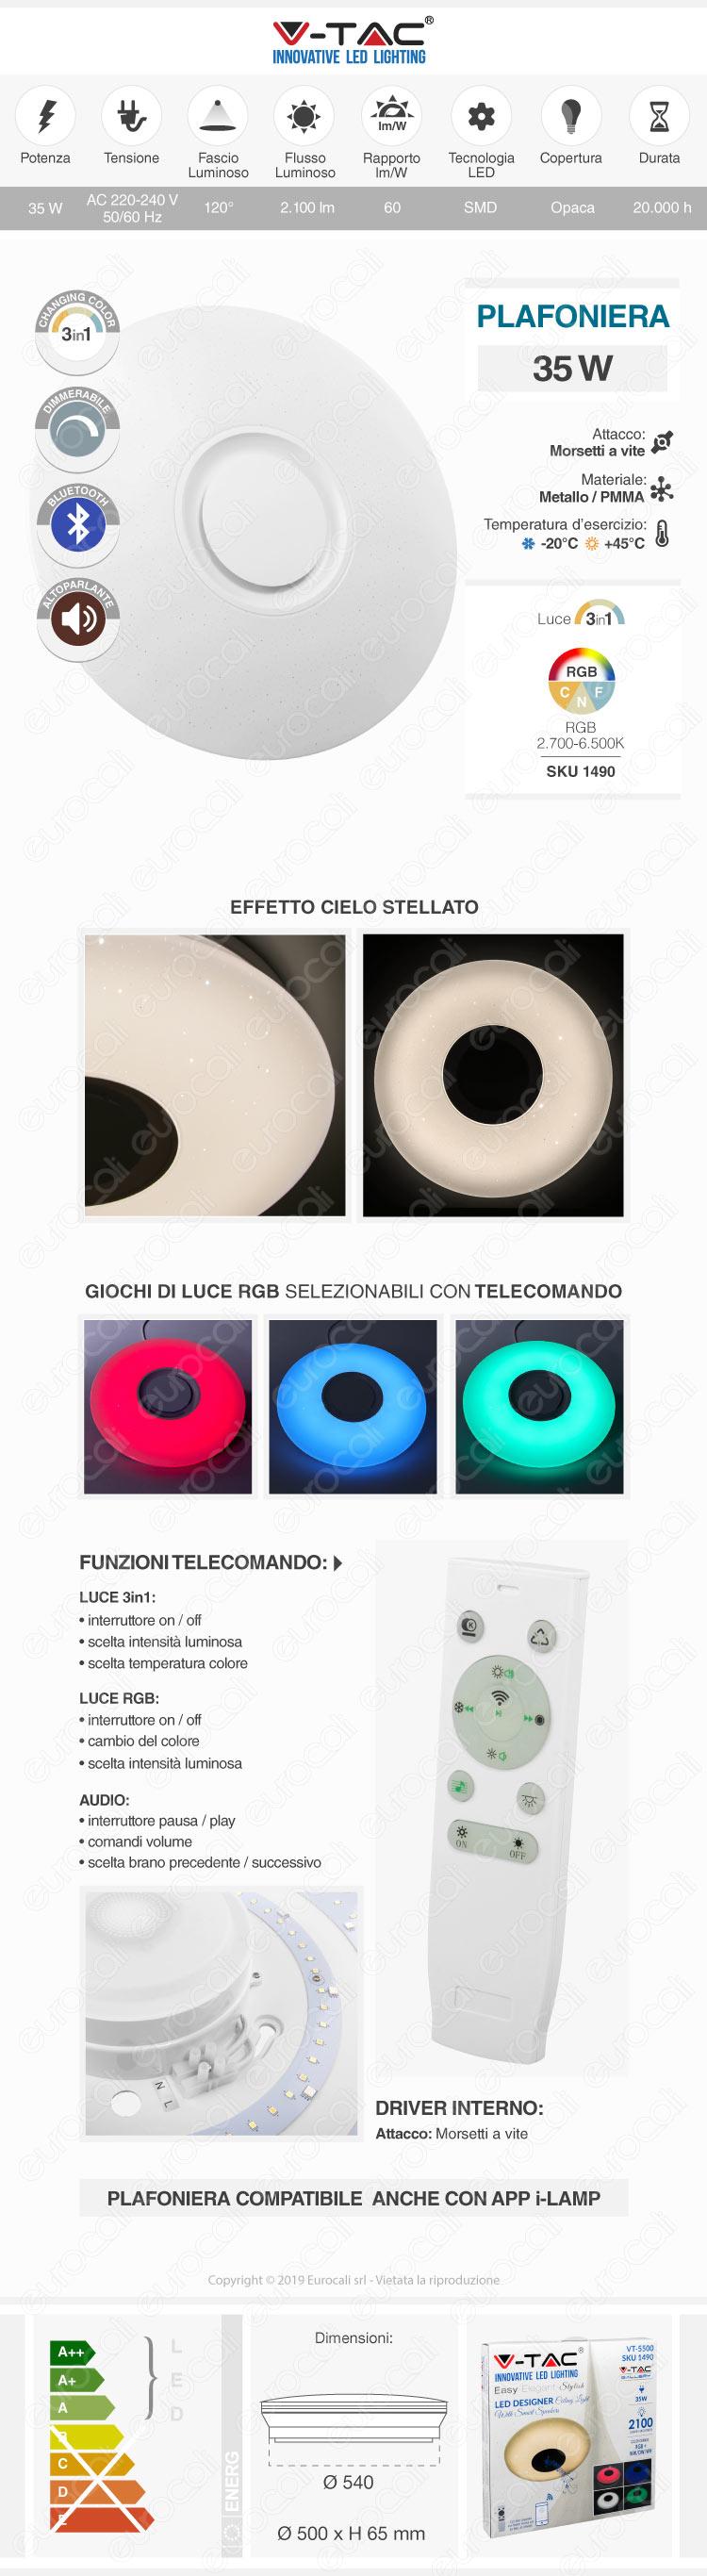 VT-5500 V-Tac Plafoniera LED RGB 35W Forma Circolare Effetto Cielo Stellato con Altoparlante e Telecomando